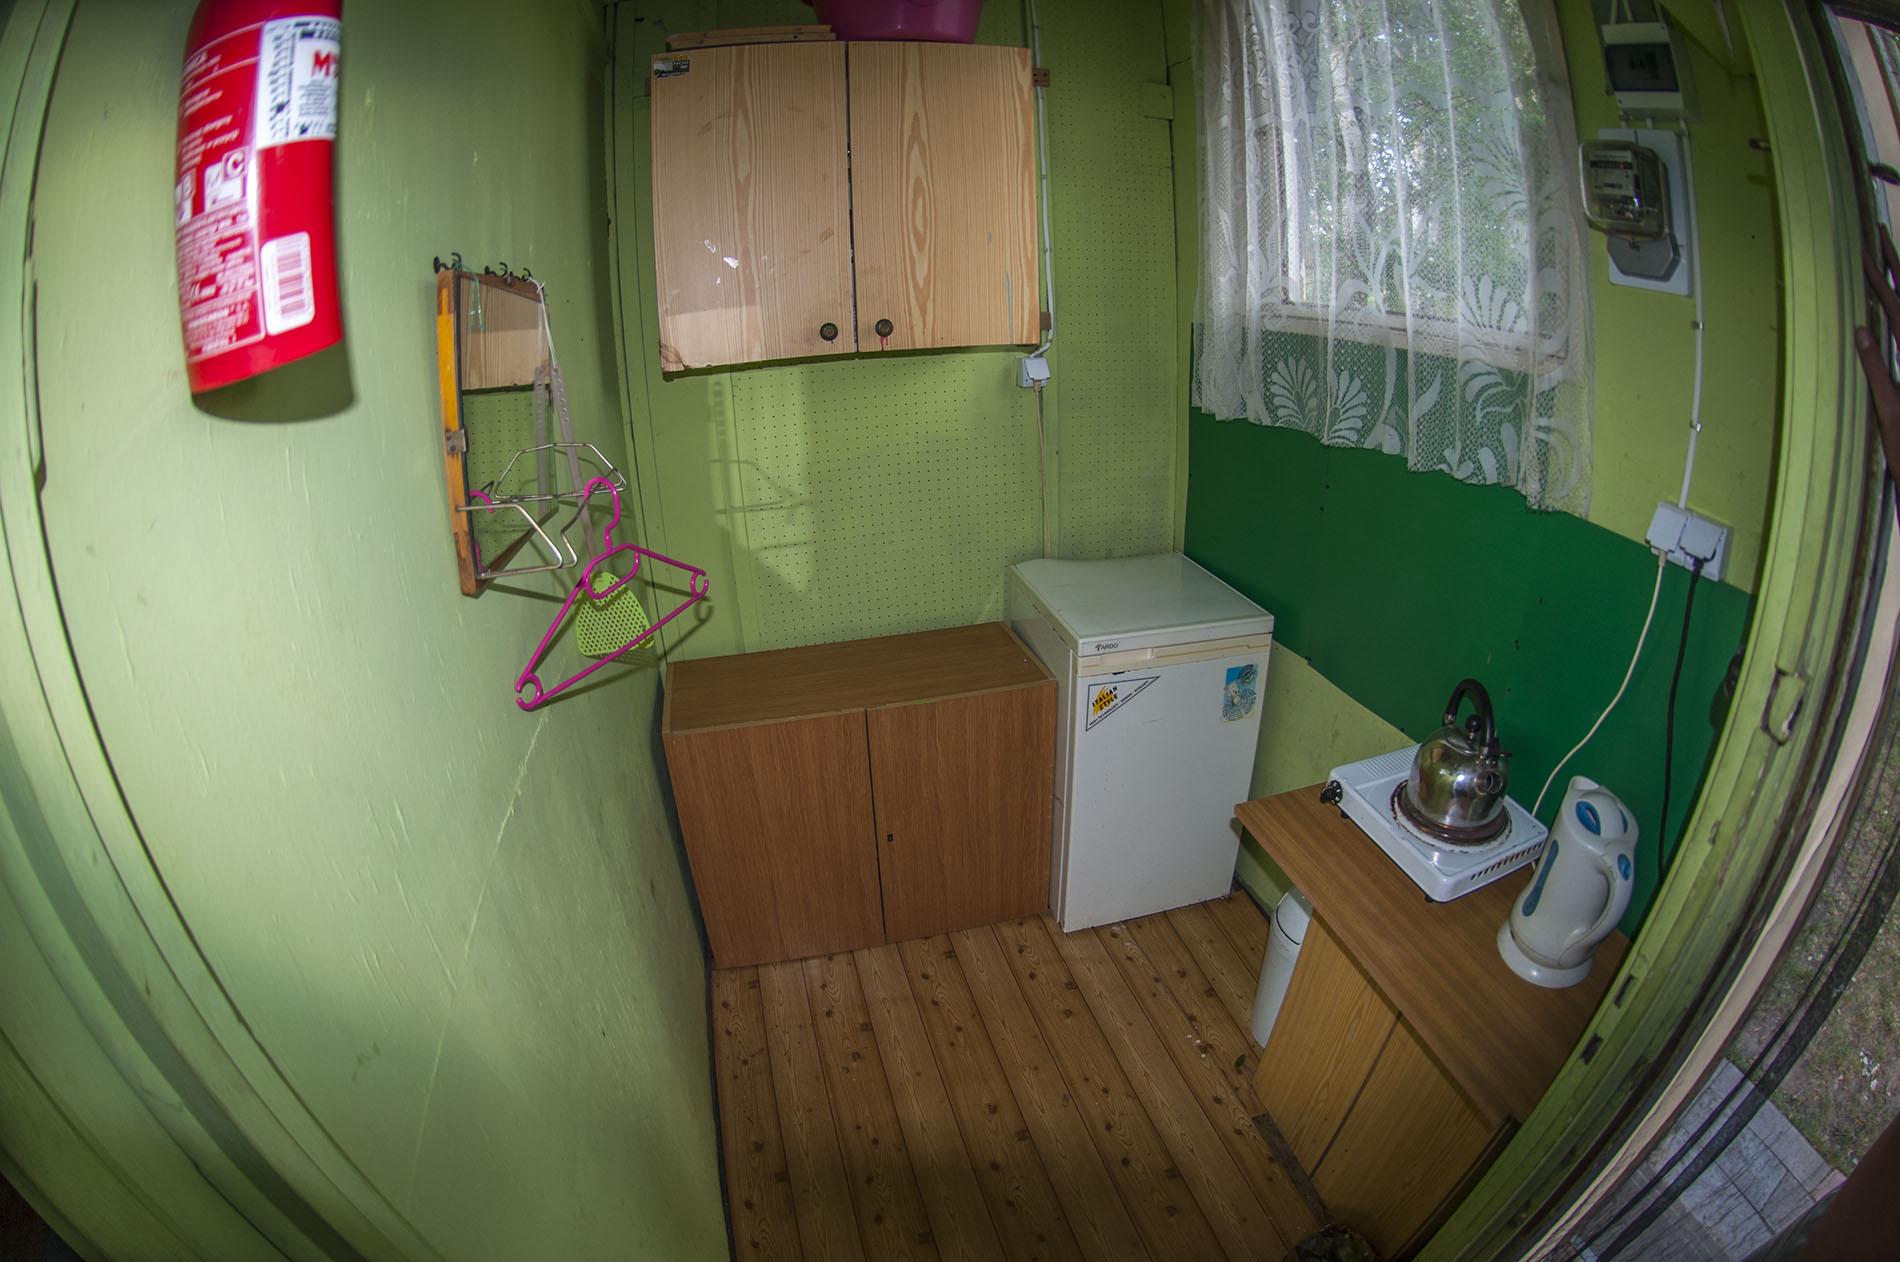 Domki posiadają małe kuchenki, jednak w czasie zawodów nie będą potrzebne.